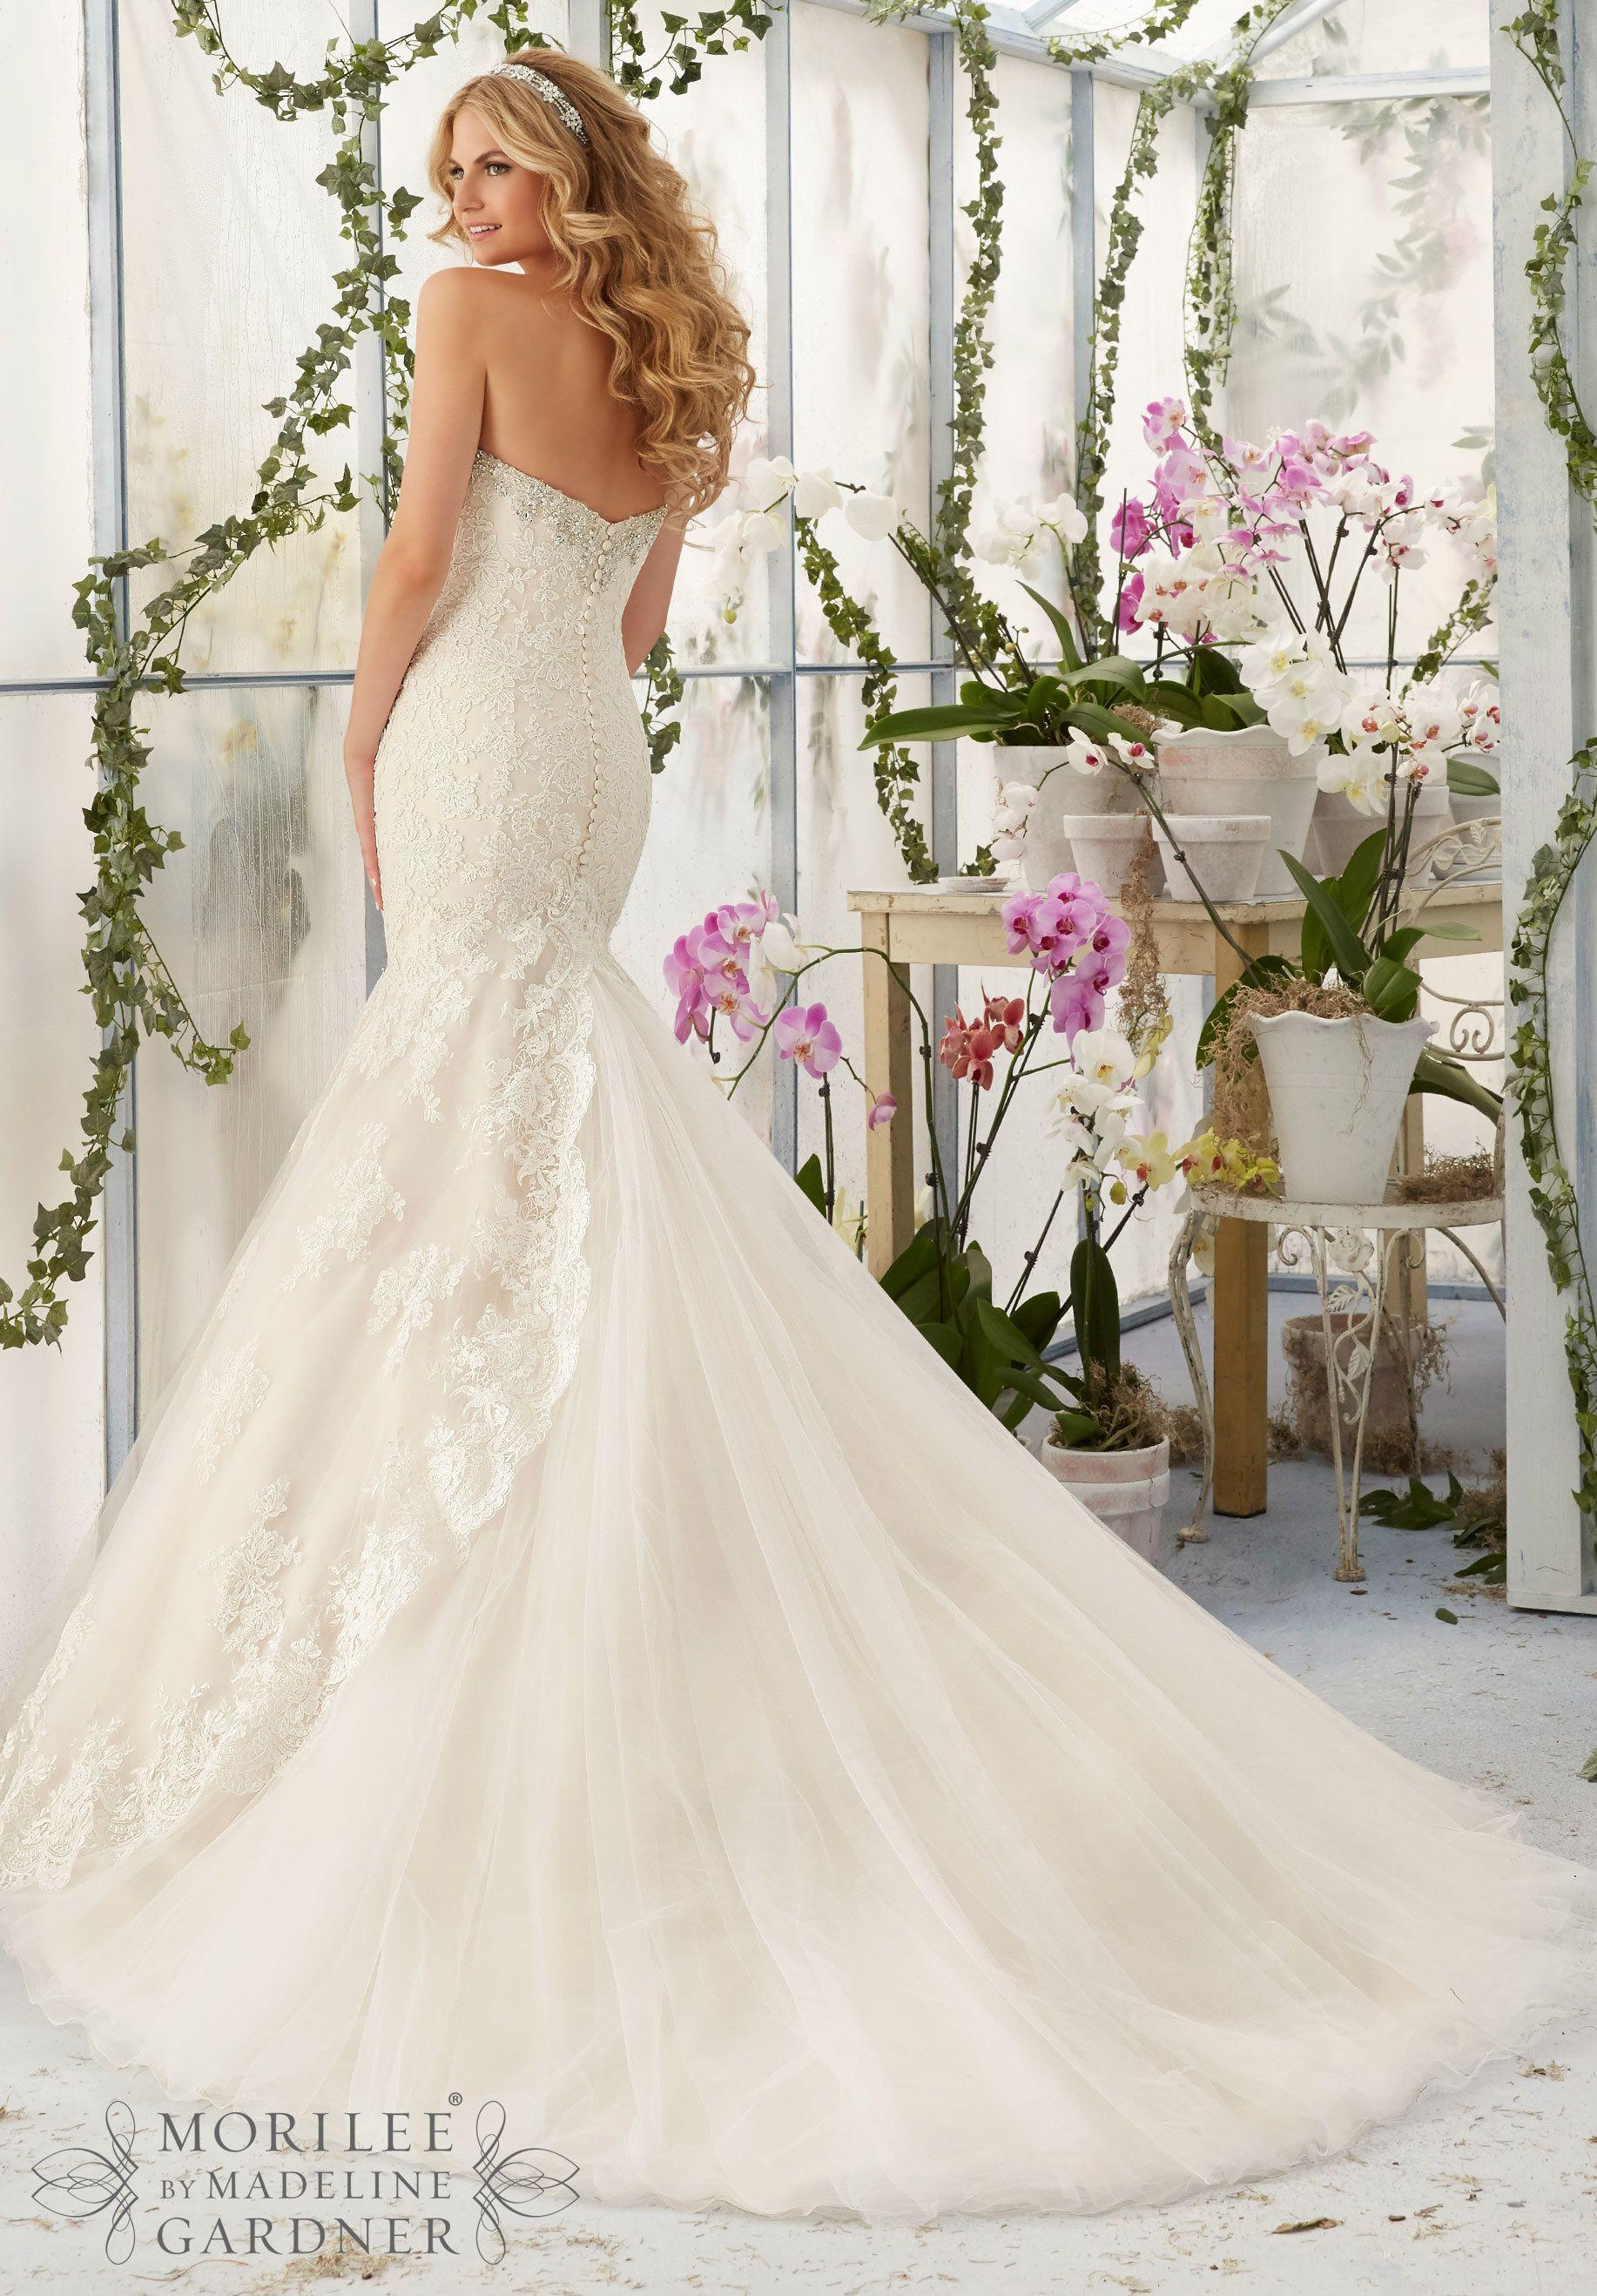 Mori lee gold wedding dress  MoriLee  u Anina Brud u Festspecialisten  stores  Pinterest